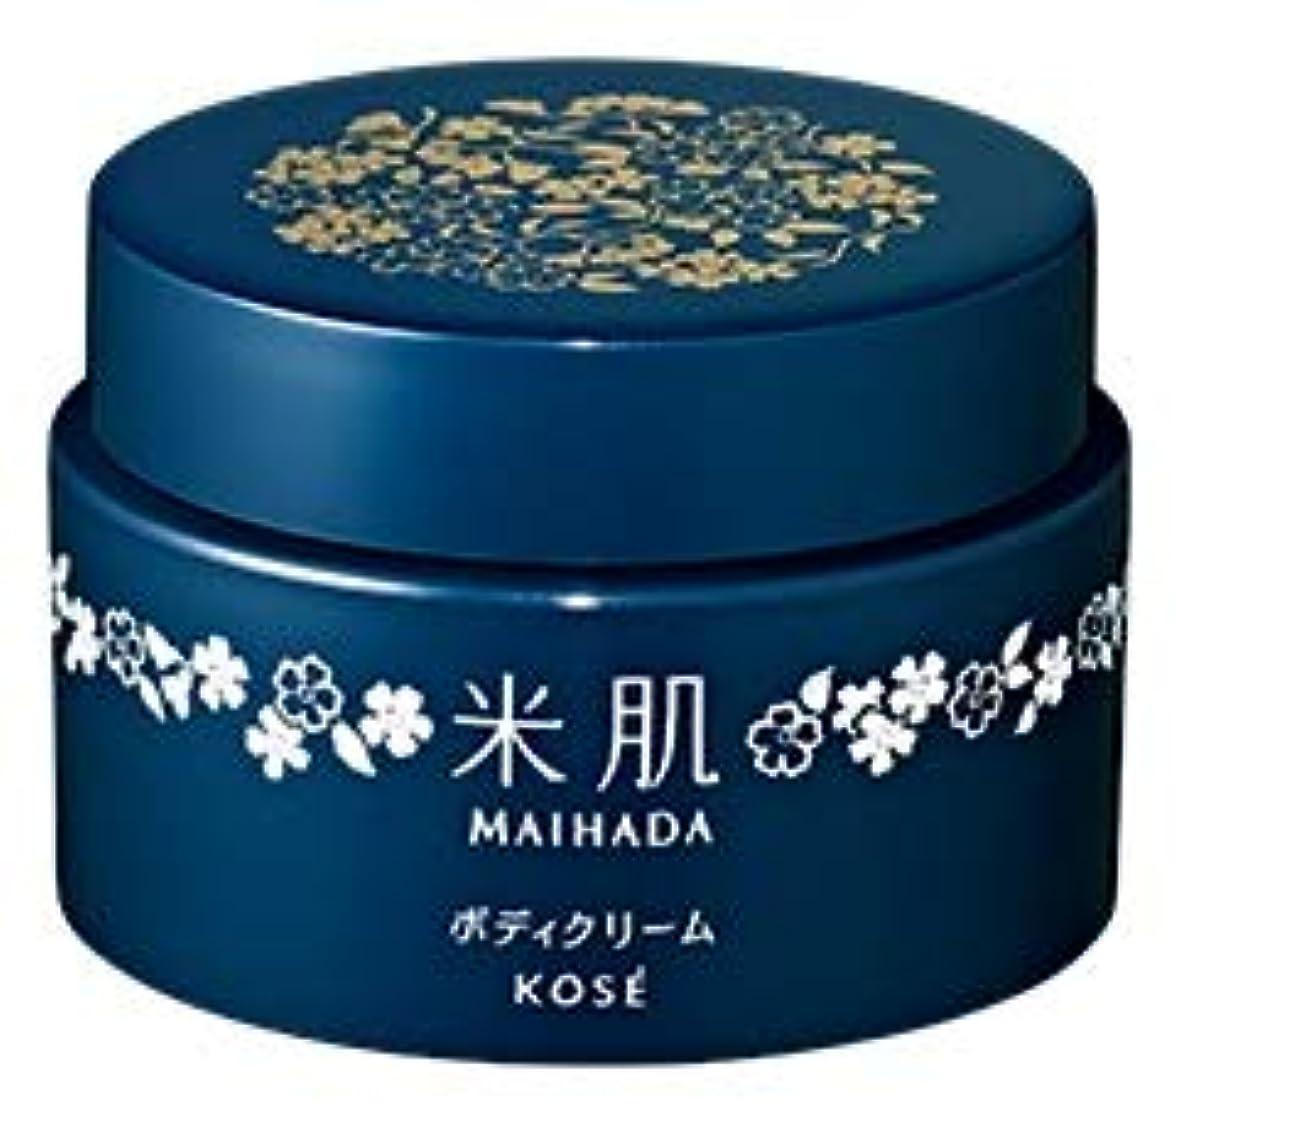 差別化する化学者備品米肌(MAIHADA) 肌潤ボディクリーム コーセー KOSE